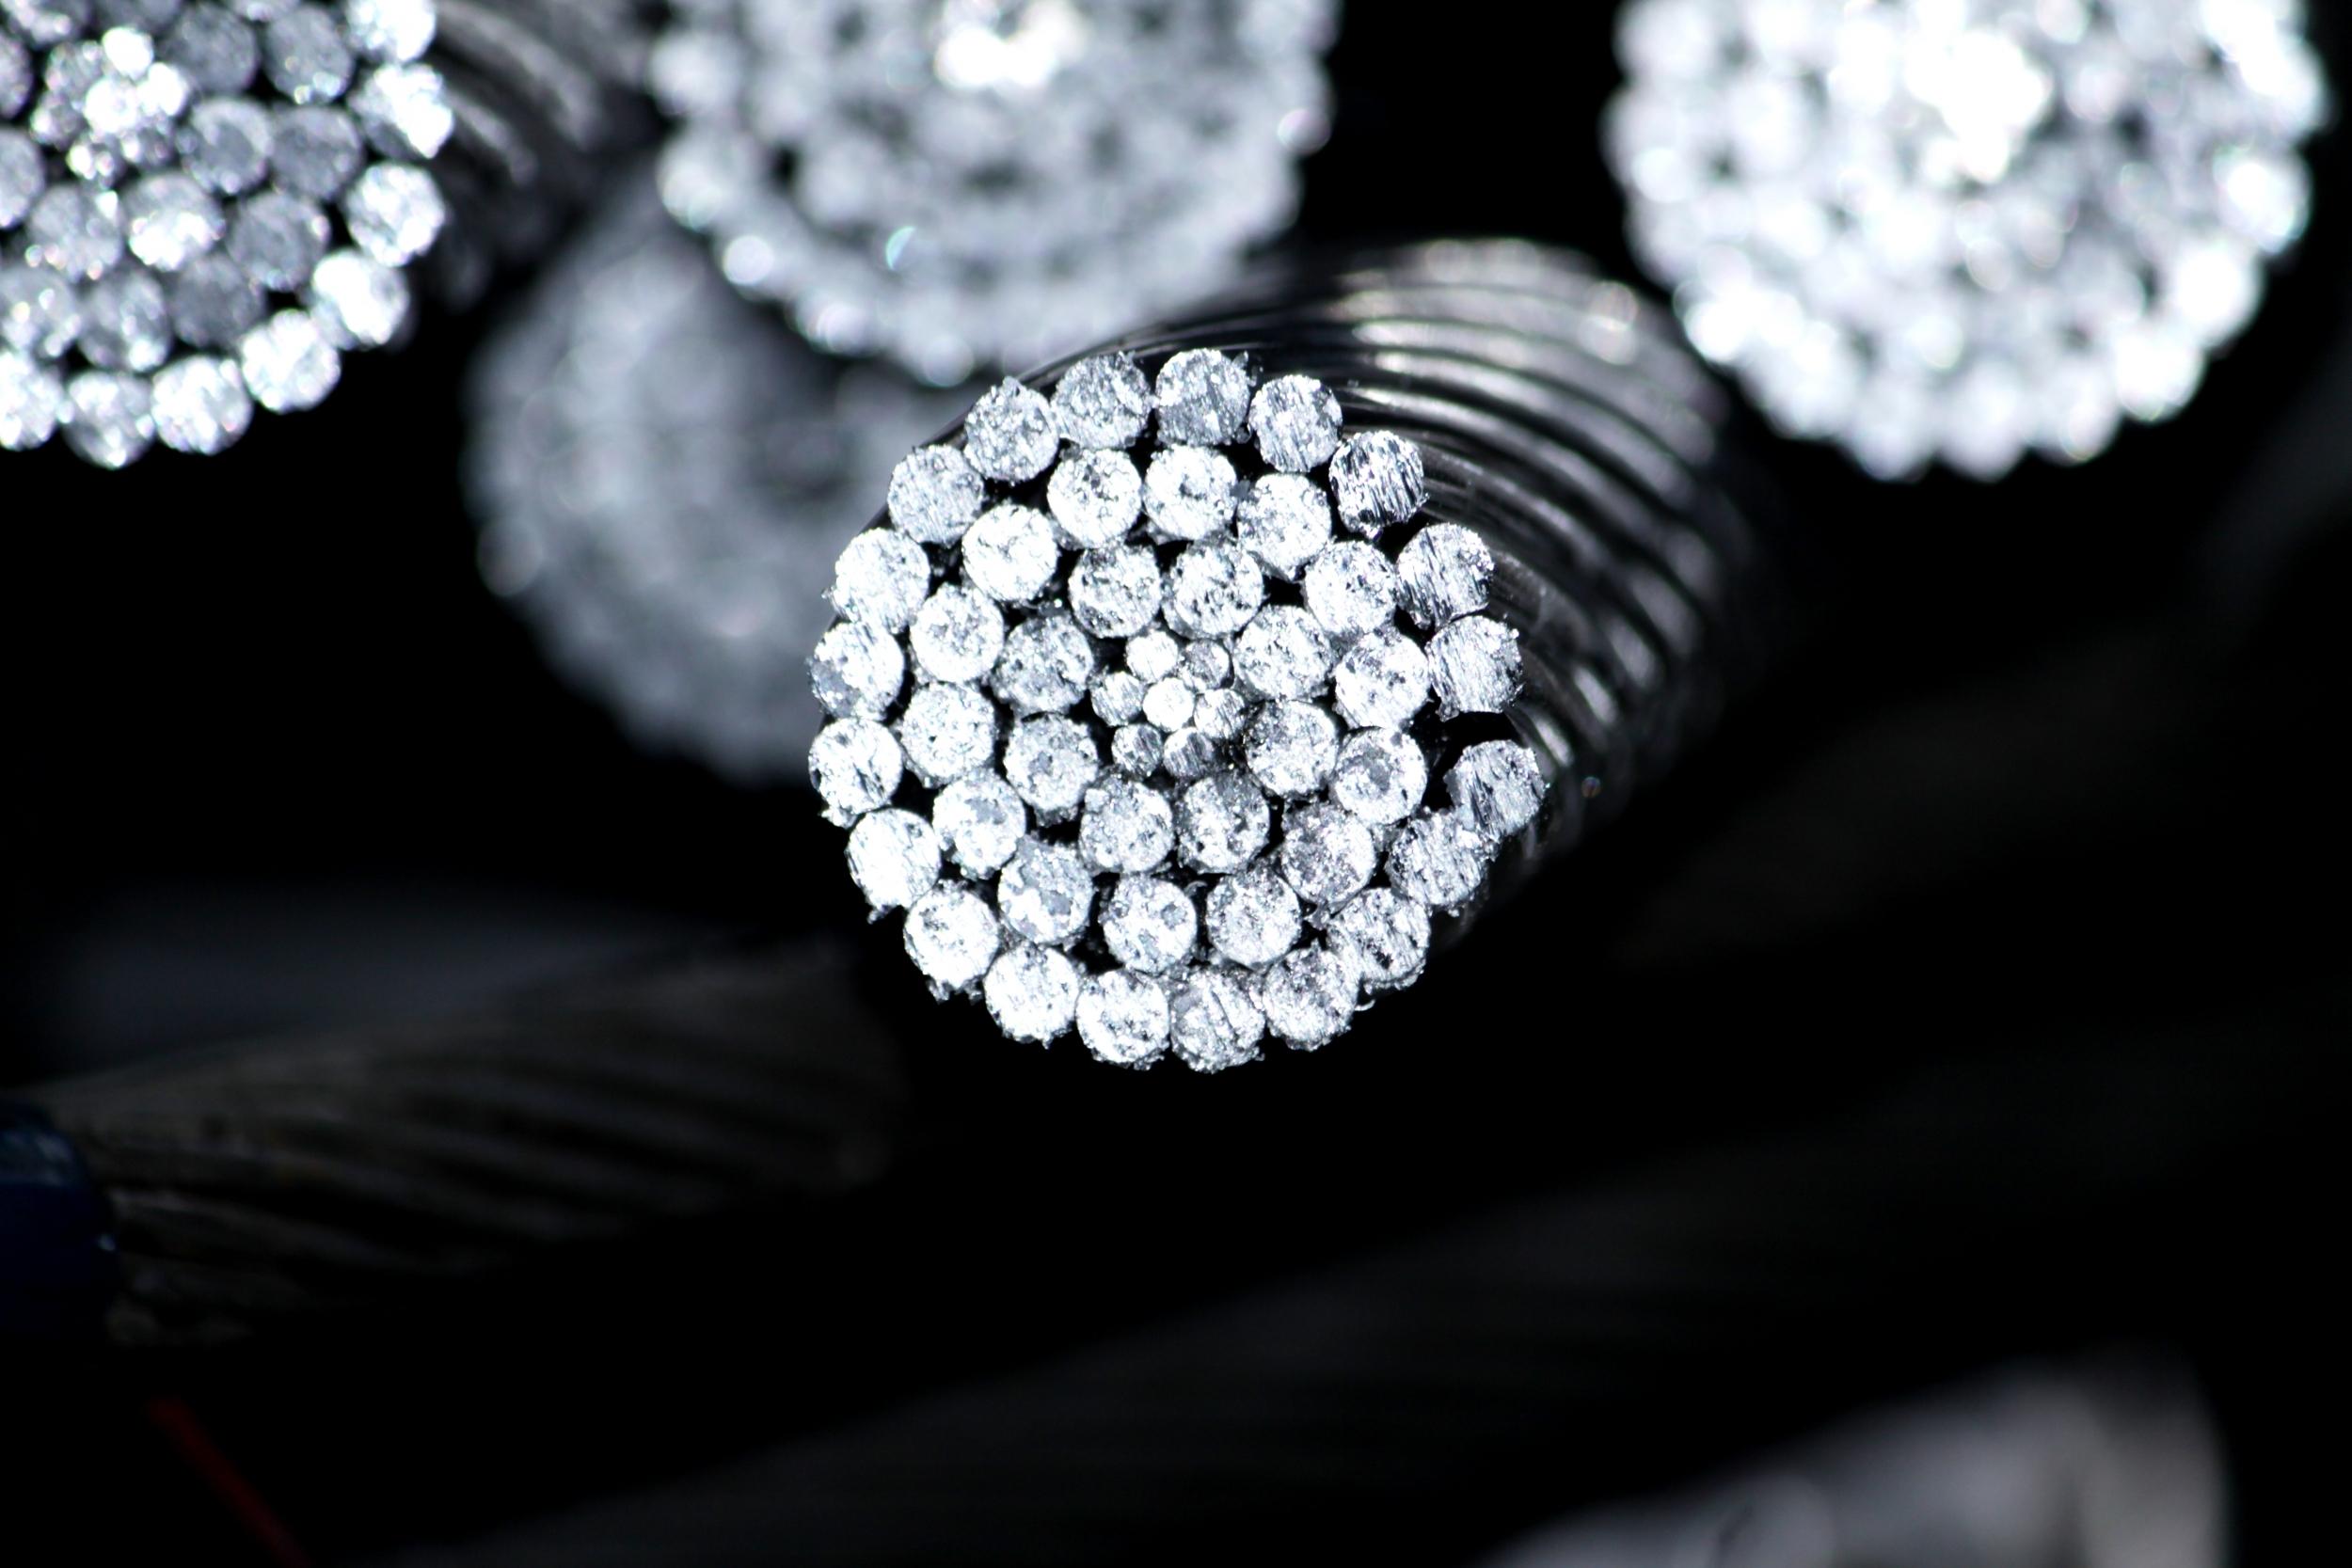 Aluminium-power-cable.jpg